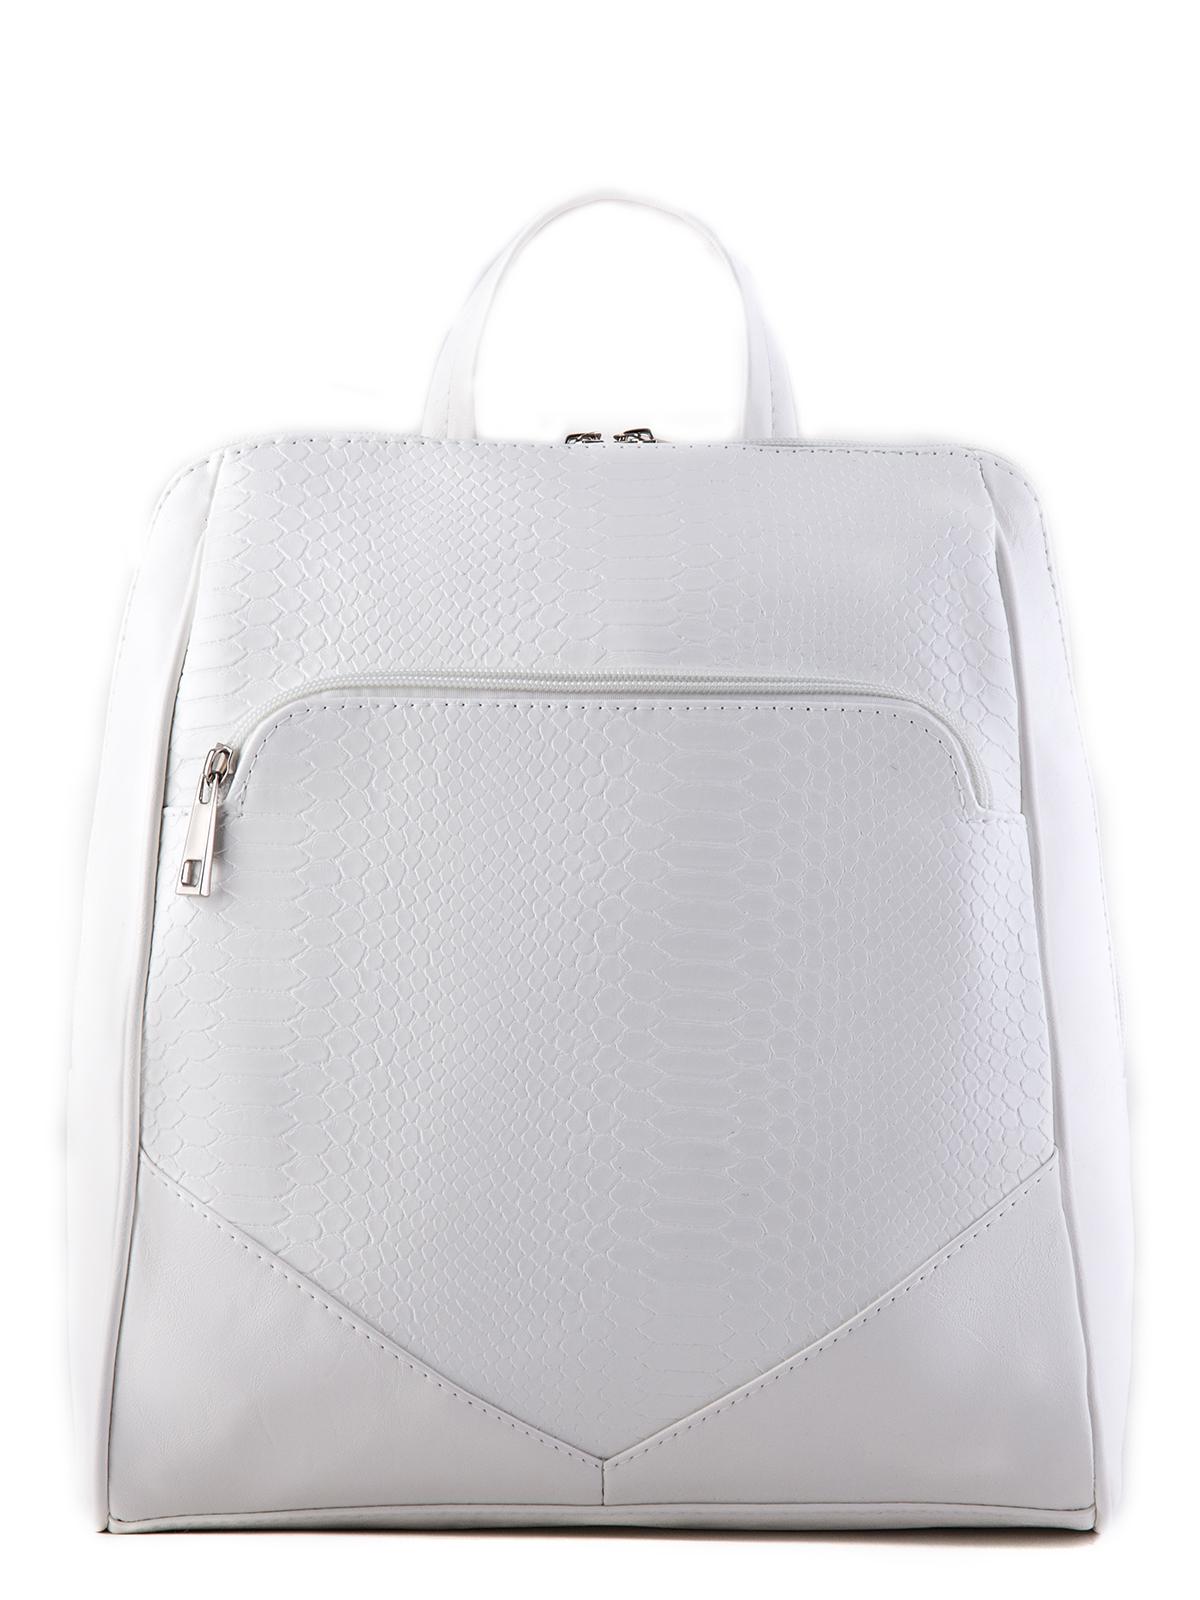 Фото - Рюкзак S.Lavia Сумка женская 833, белый ай ши oiwas плечо сумка красные мешки отдыха рюкзак ocb4187